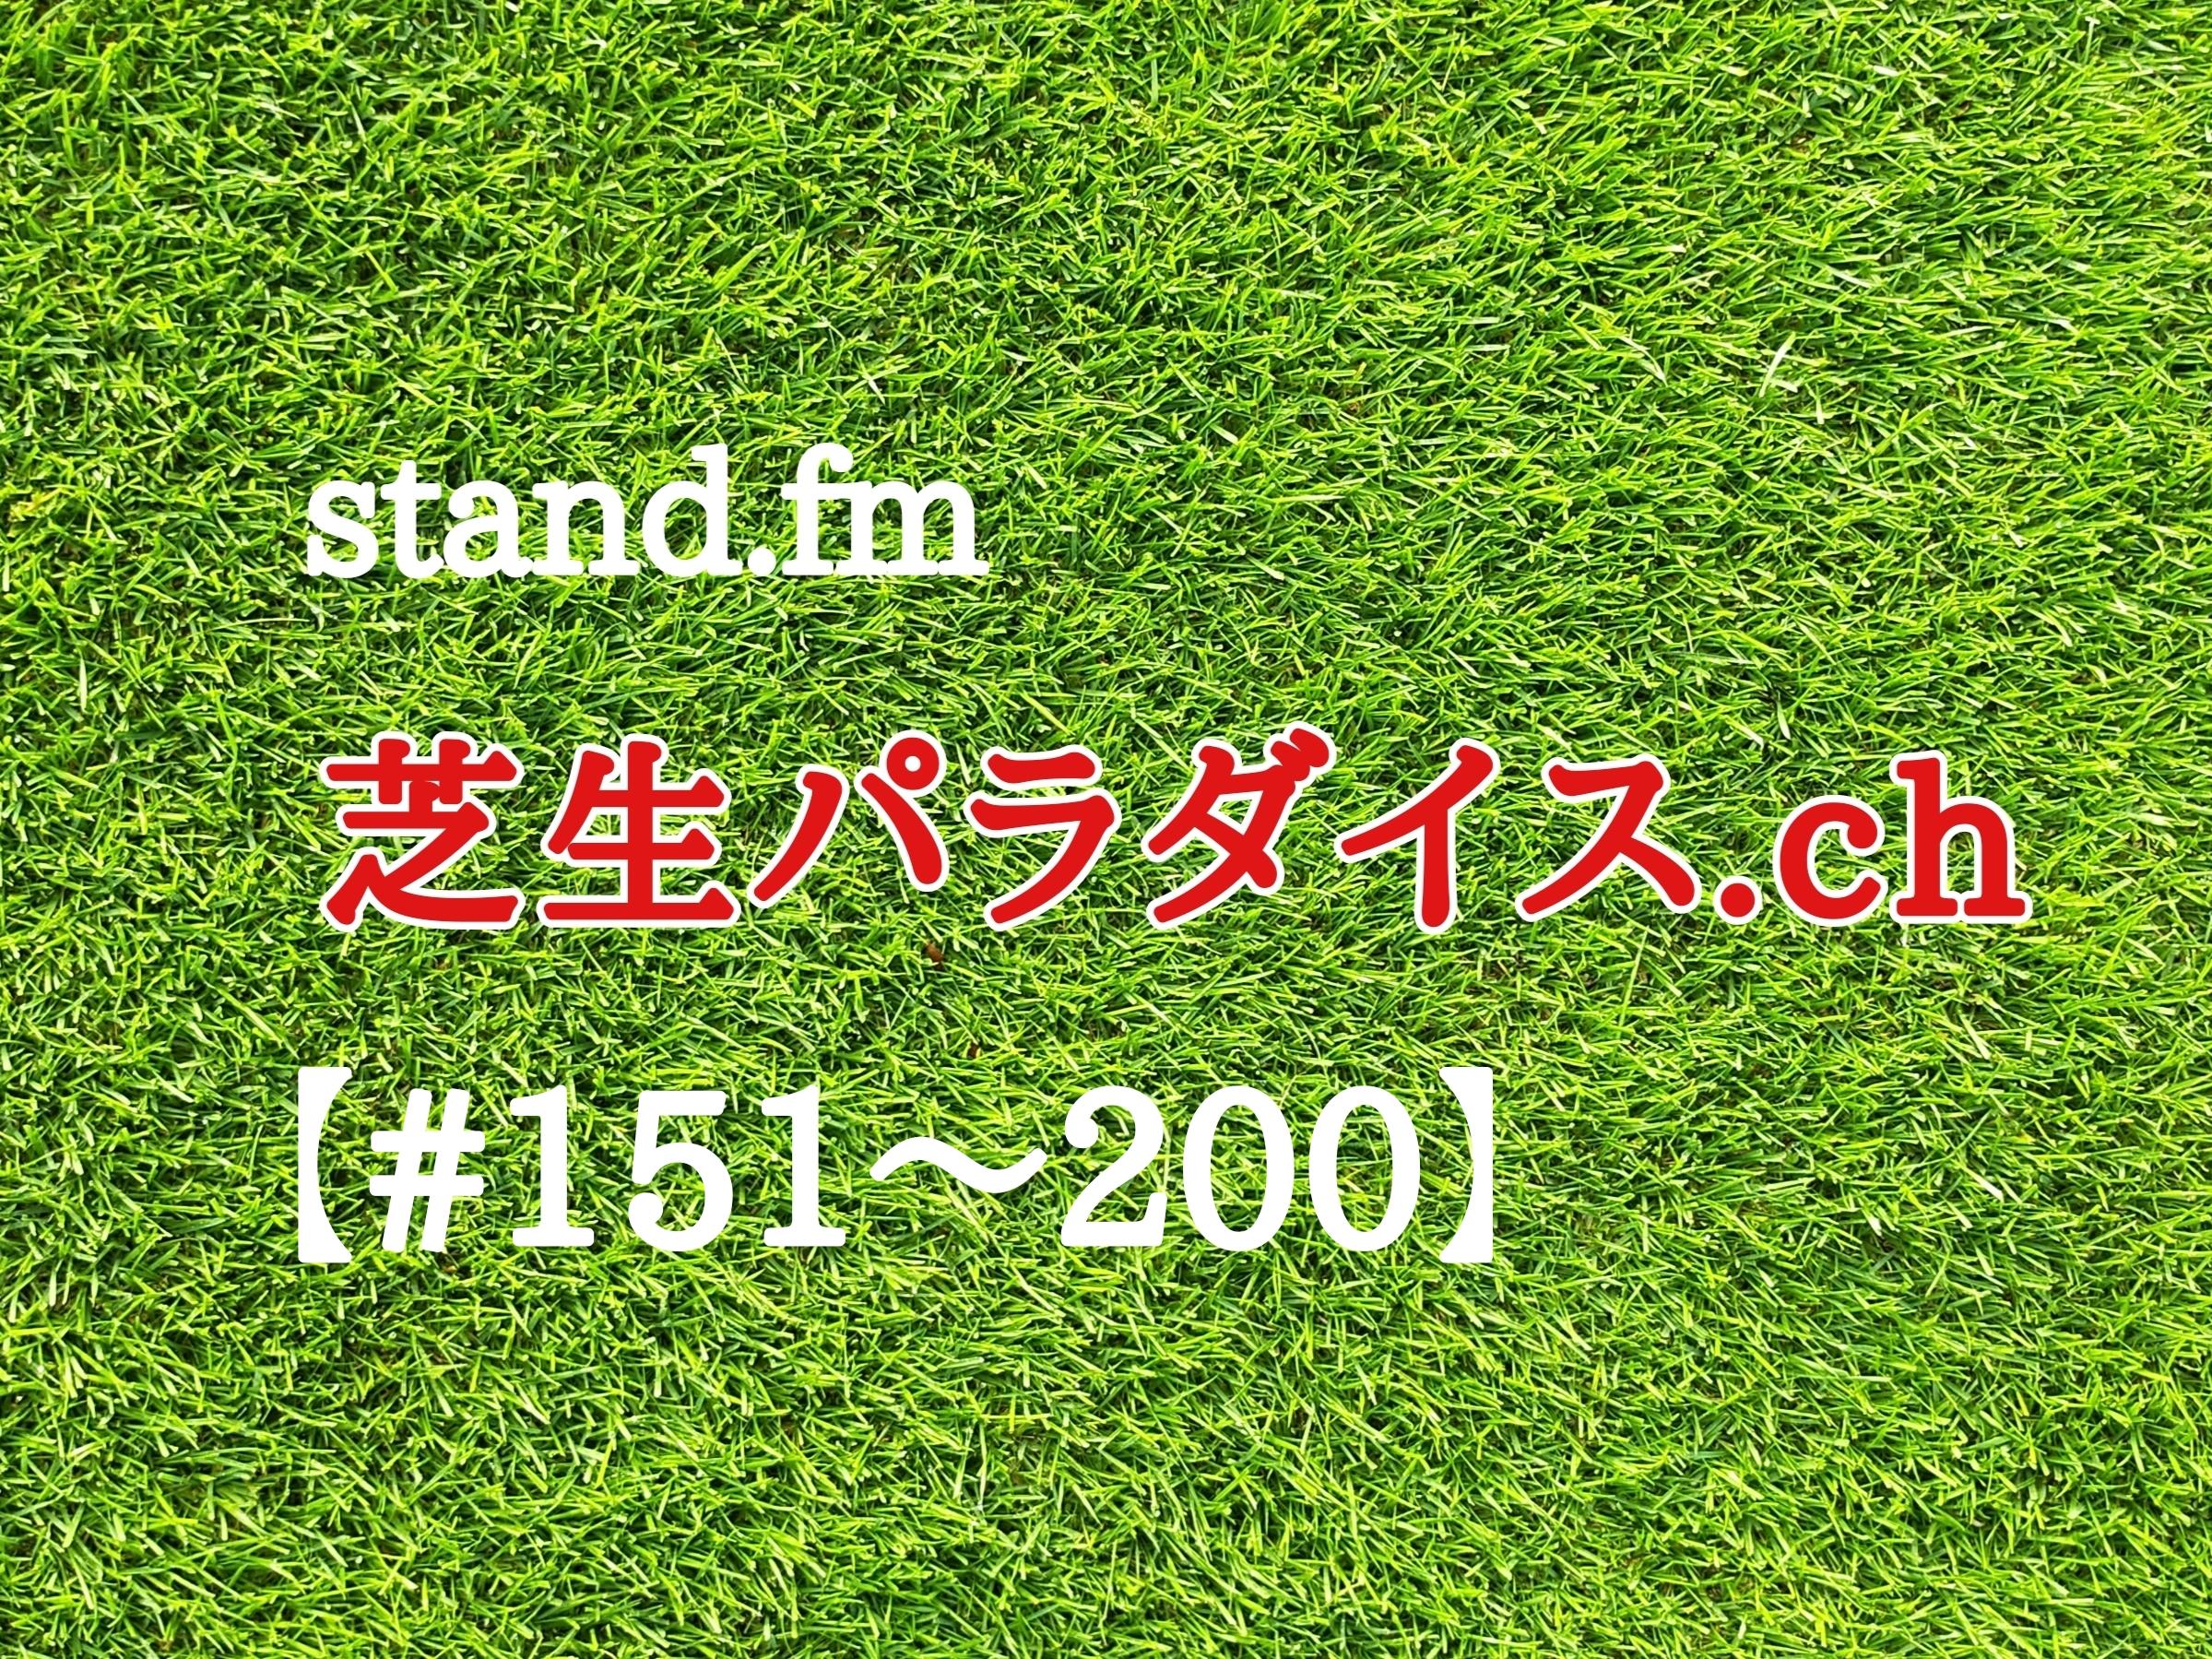 【#151〜200】stand.fm 🍀芝生パラダイス・チャンネル📻😄💕